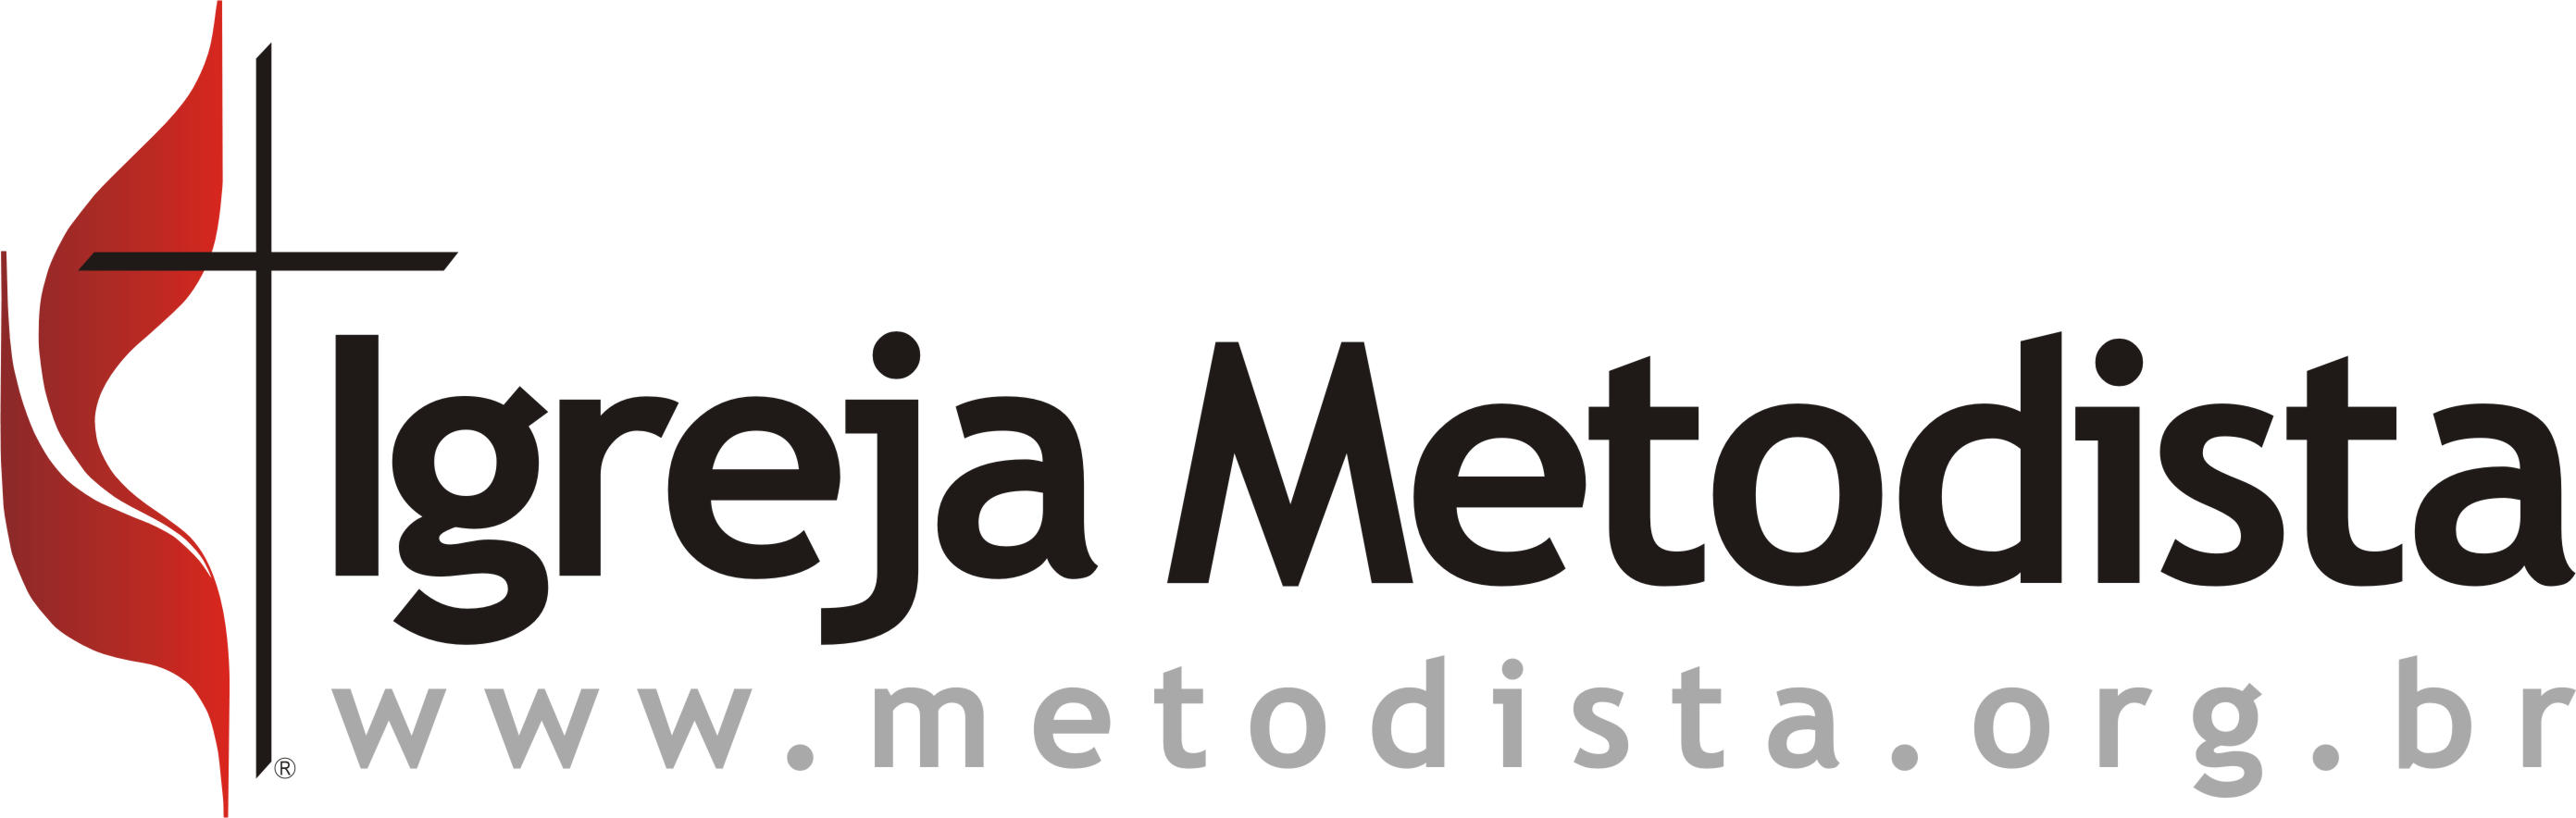 Igreja Metodista do Brasil – Sede Origem e Países em que Atua